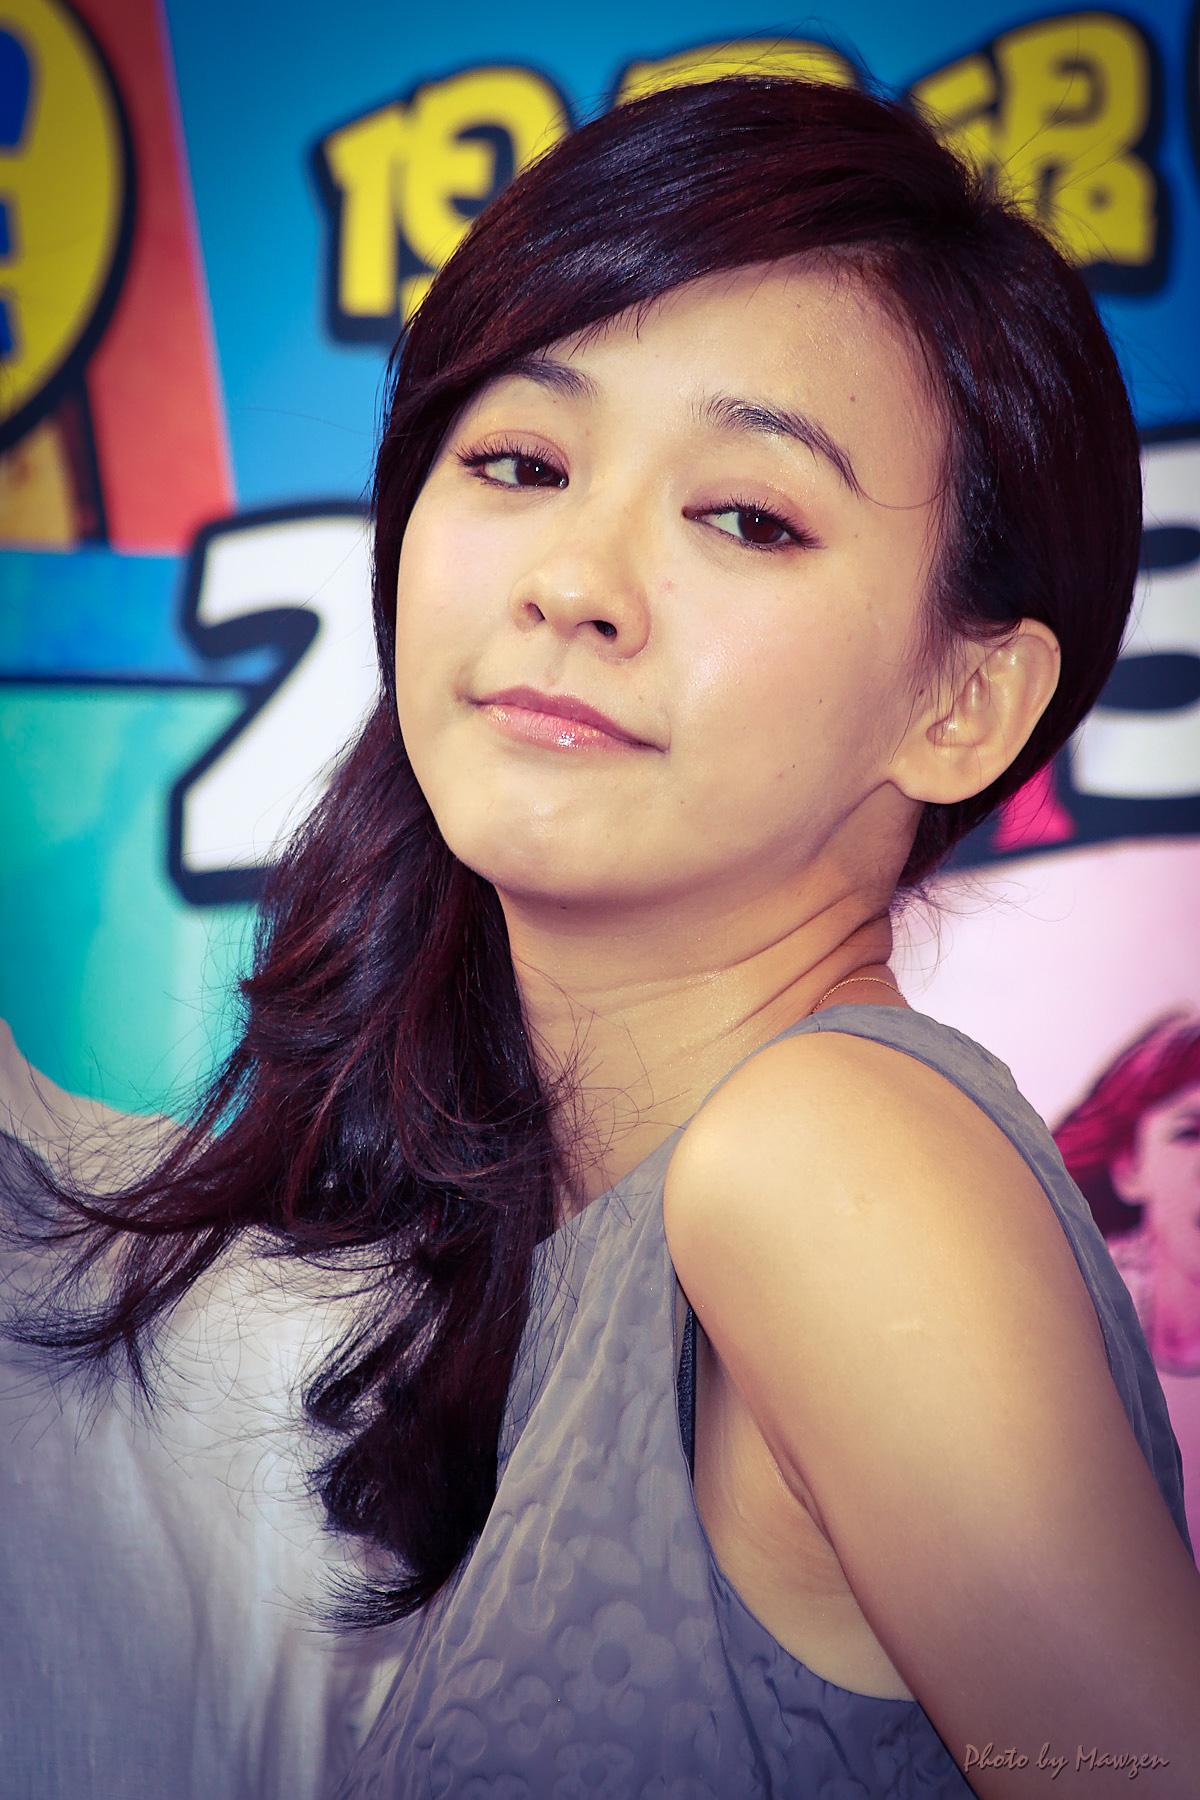 Ivy Chen Ivy Chen new photo